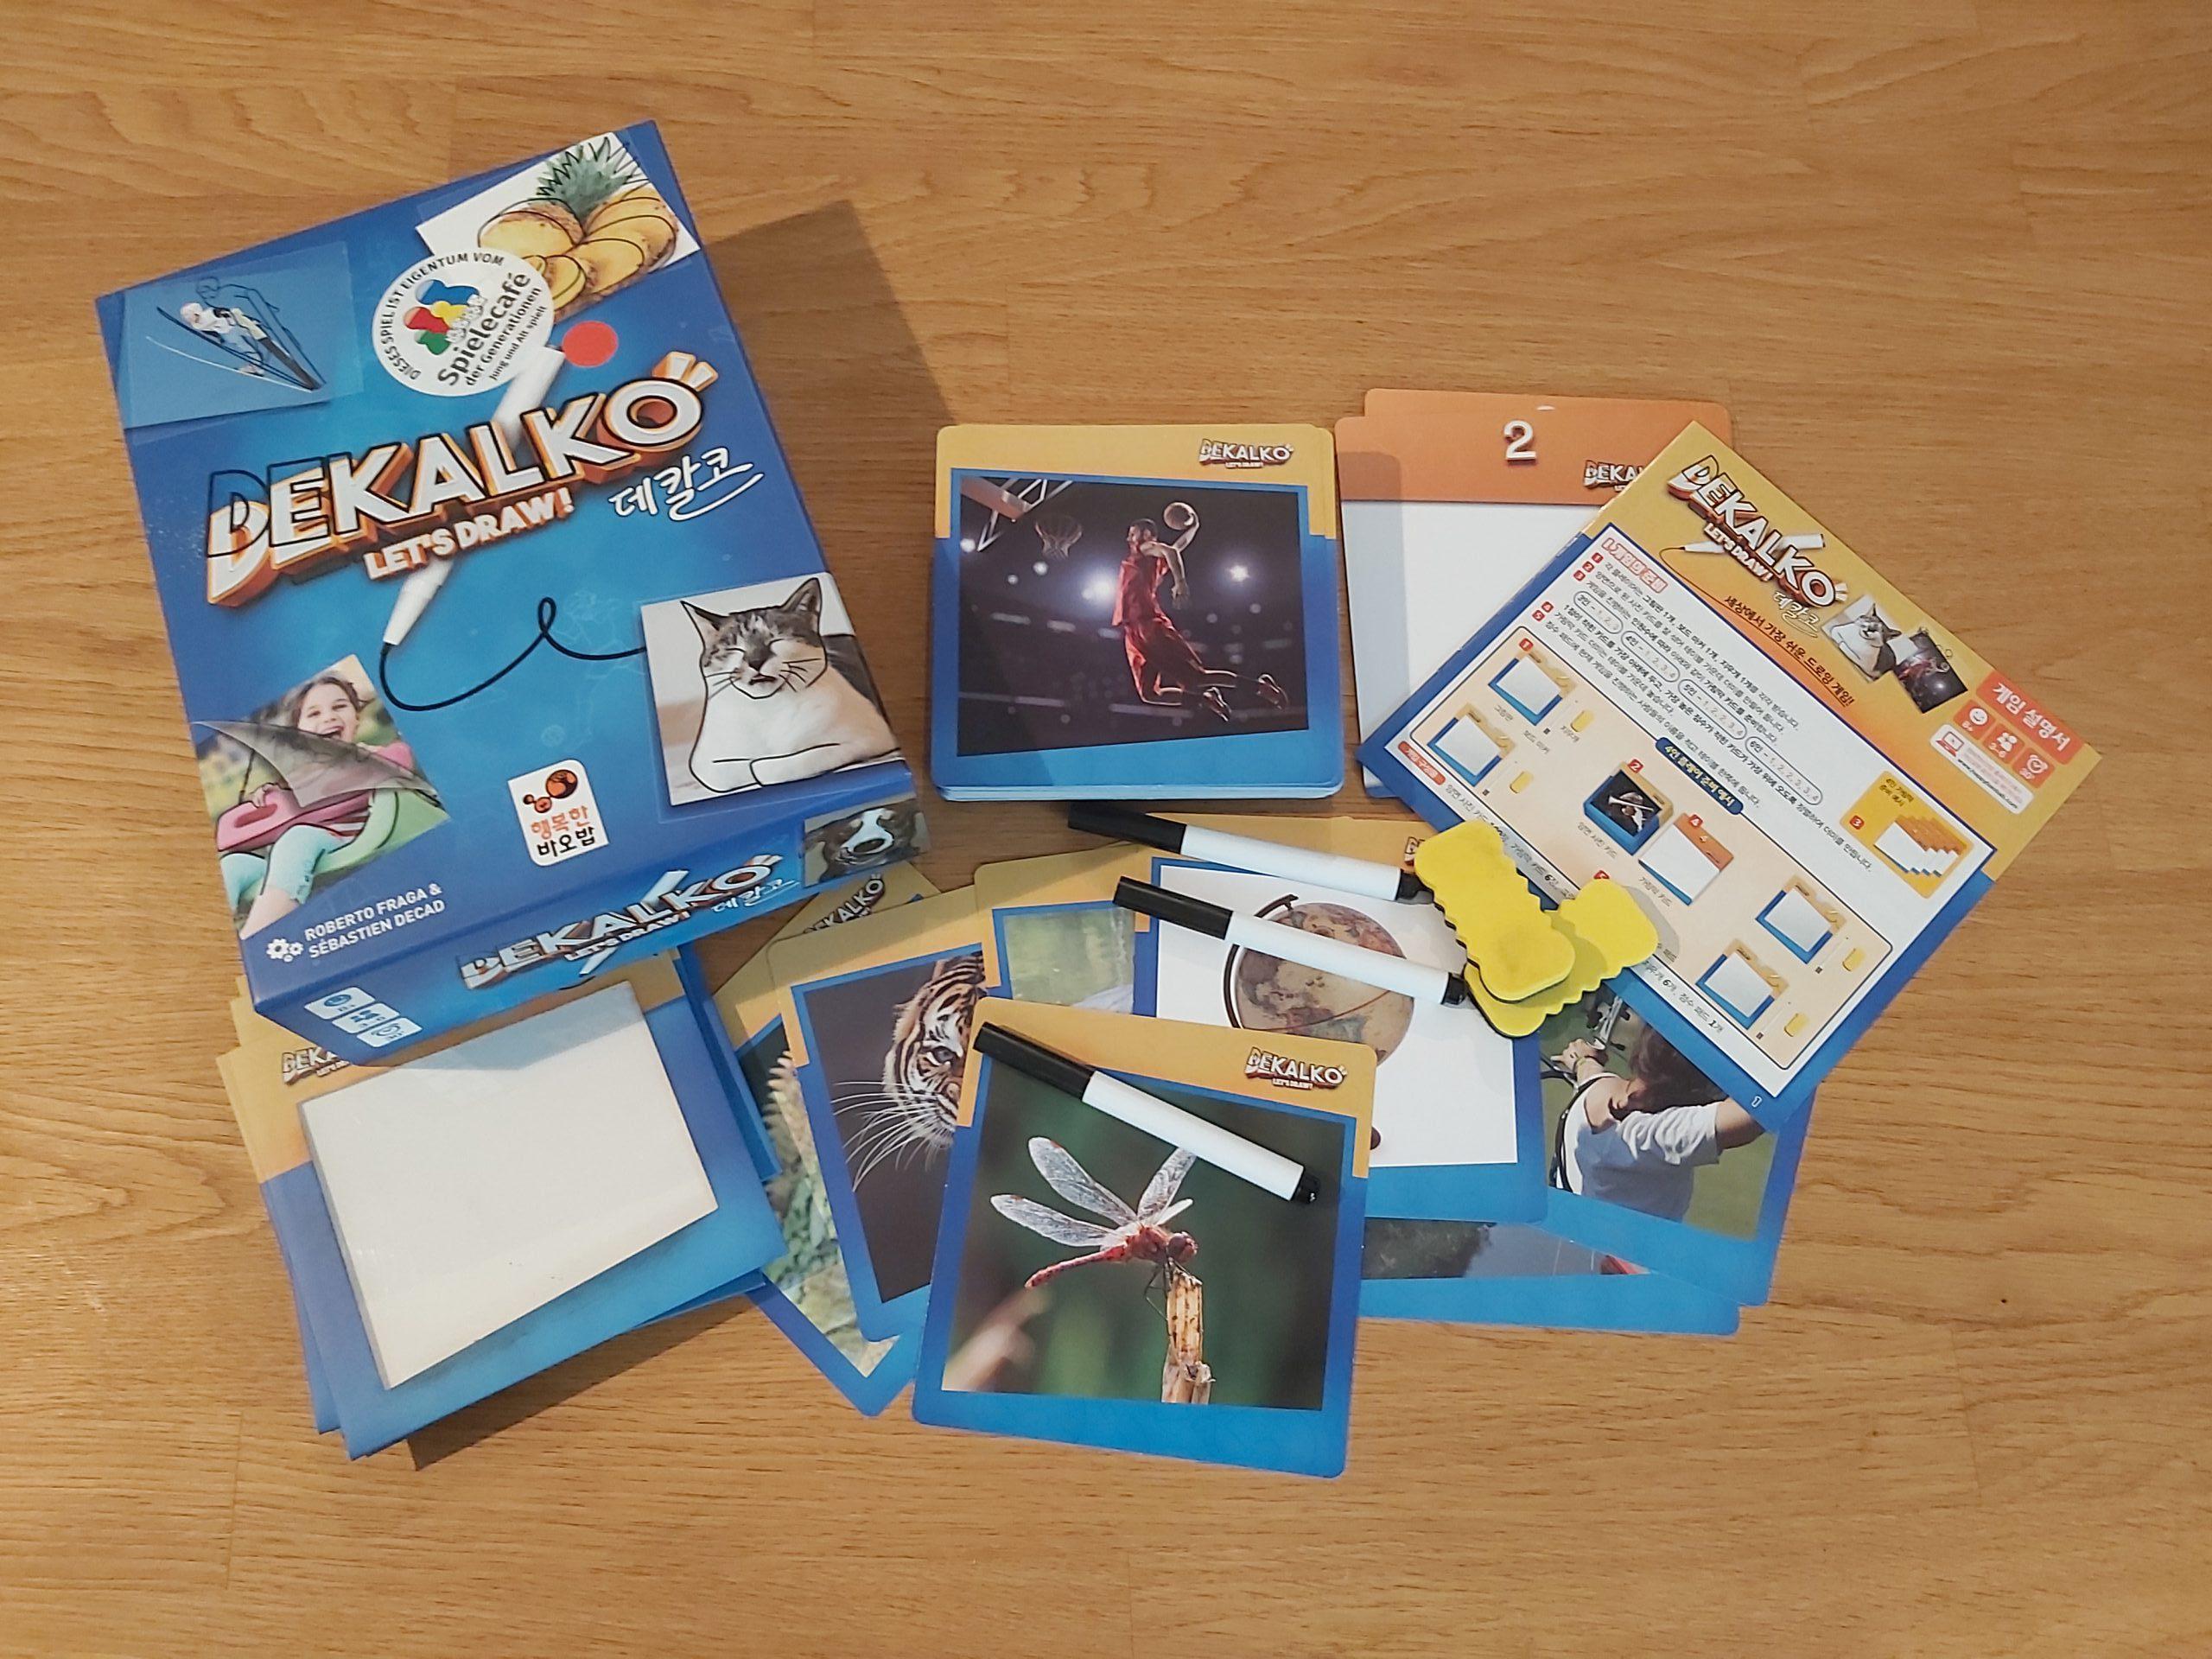 Zu sehen ist die Verpackung von Dekalko mit dem gesamten Spielmaterial